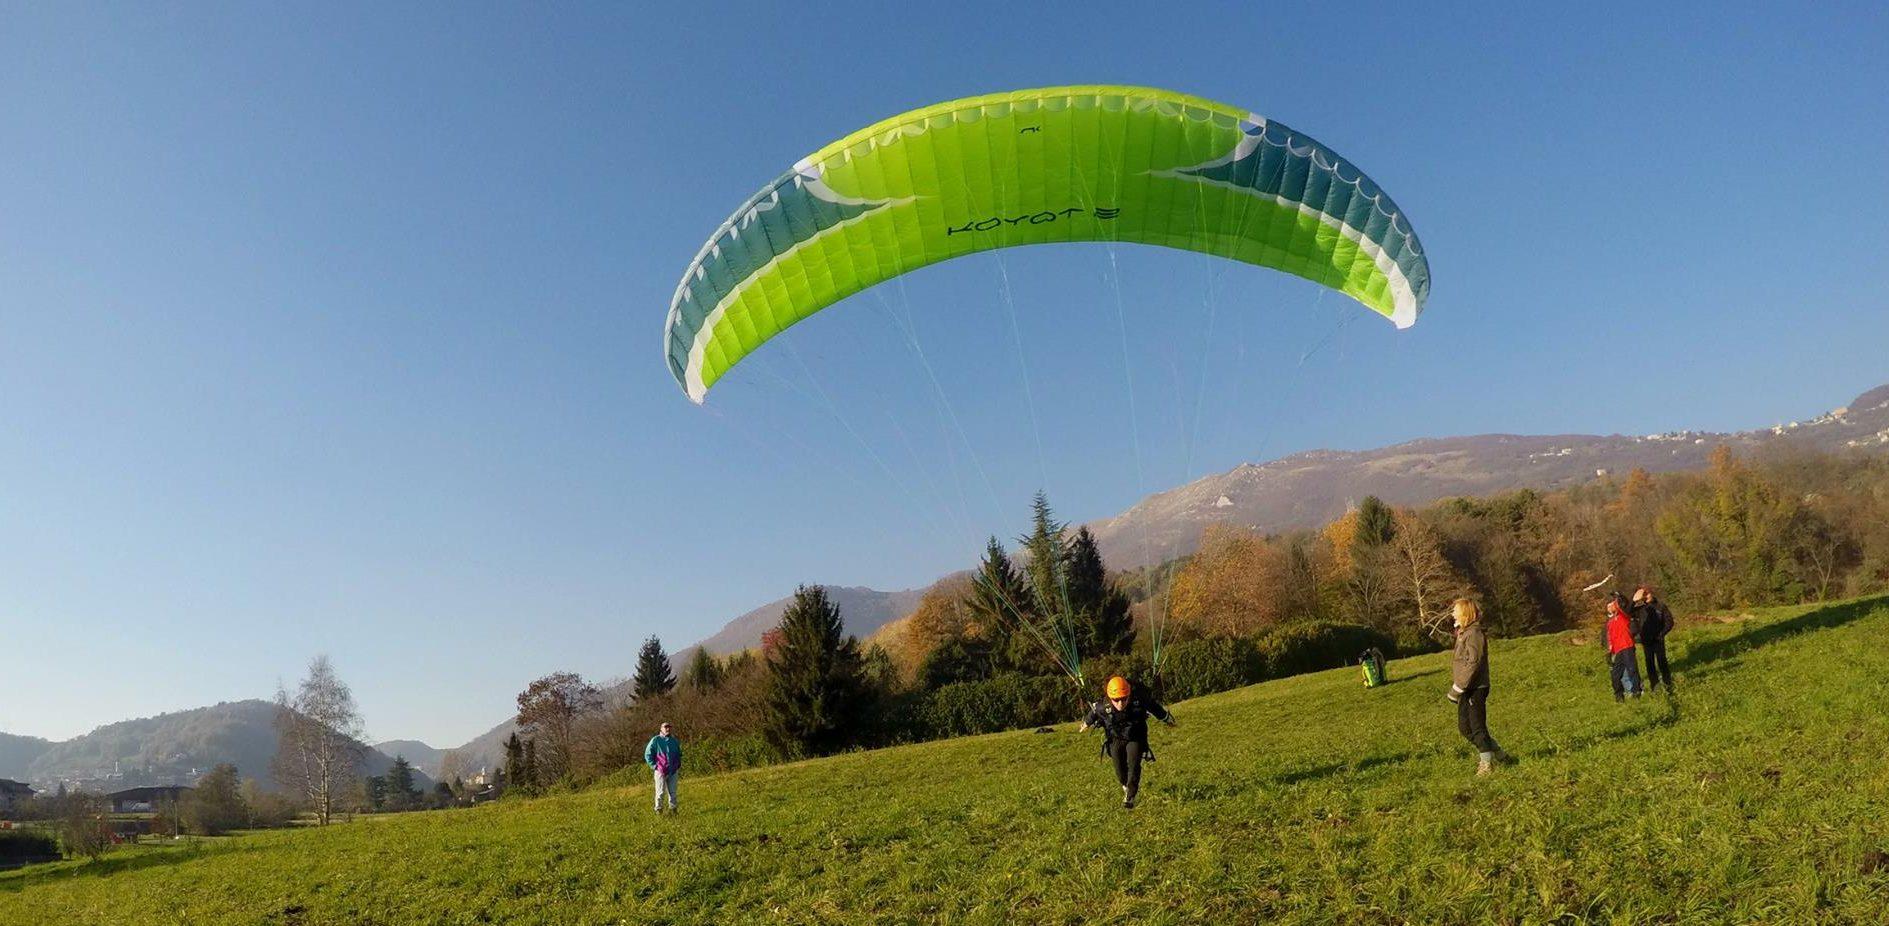 Deltaplano e Parapendio - Volo Libero Bergamo - GIOCODELVOLO